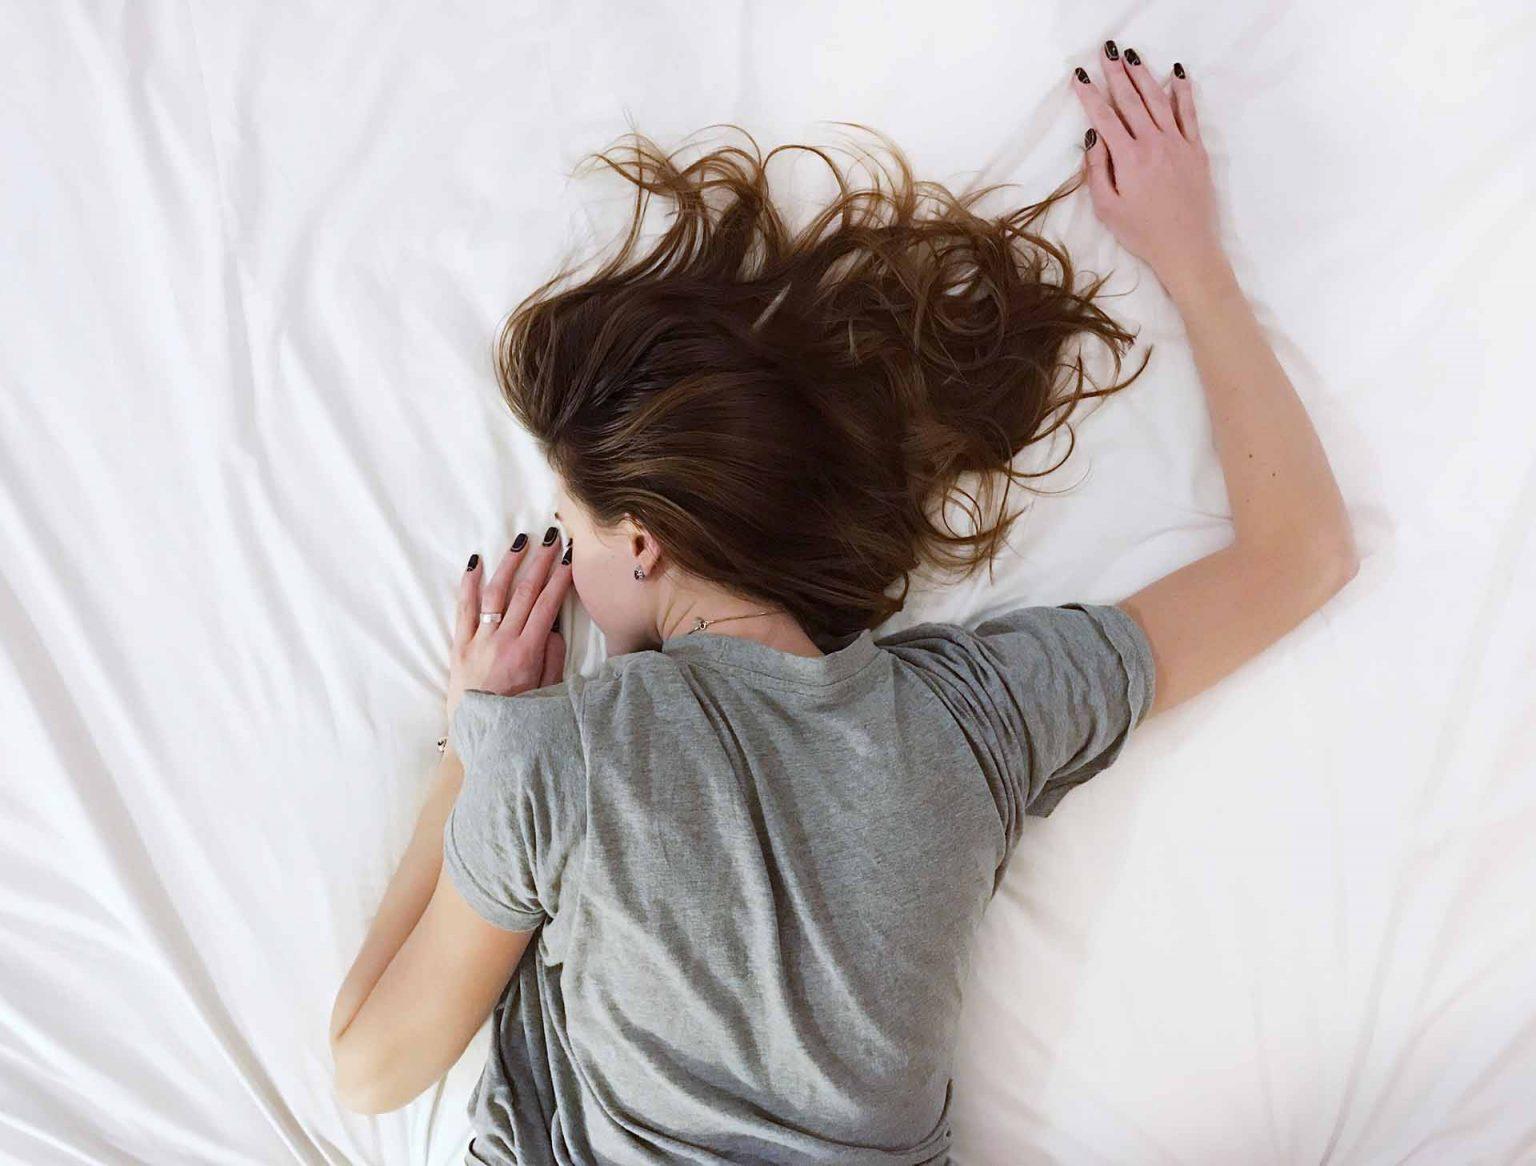 combattere l'ansia, Come ridurre l'ansia, respirazione per l'ansia, rilassamento, psicologia, approccio olistico